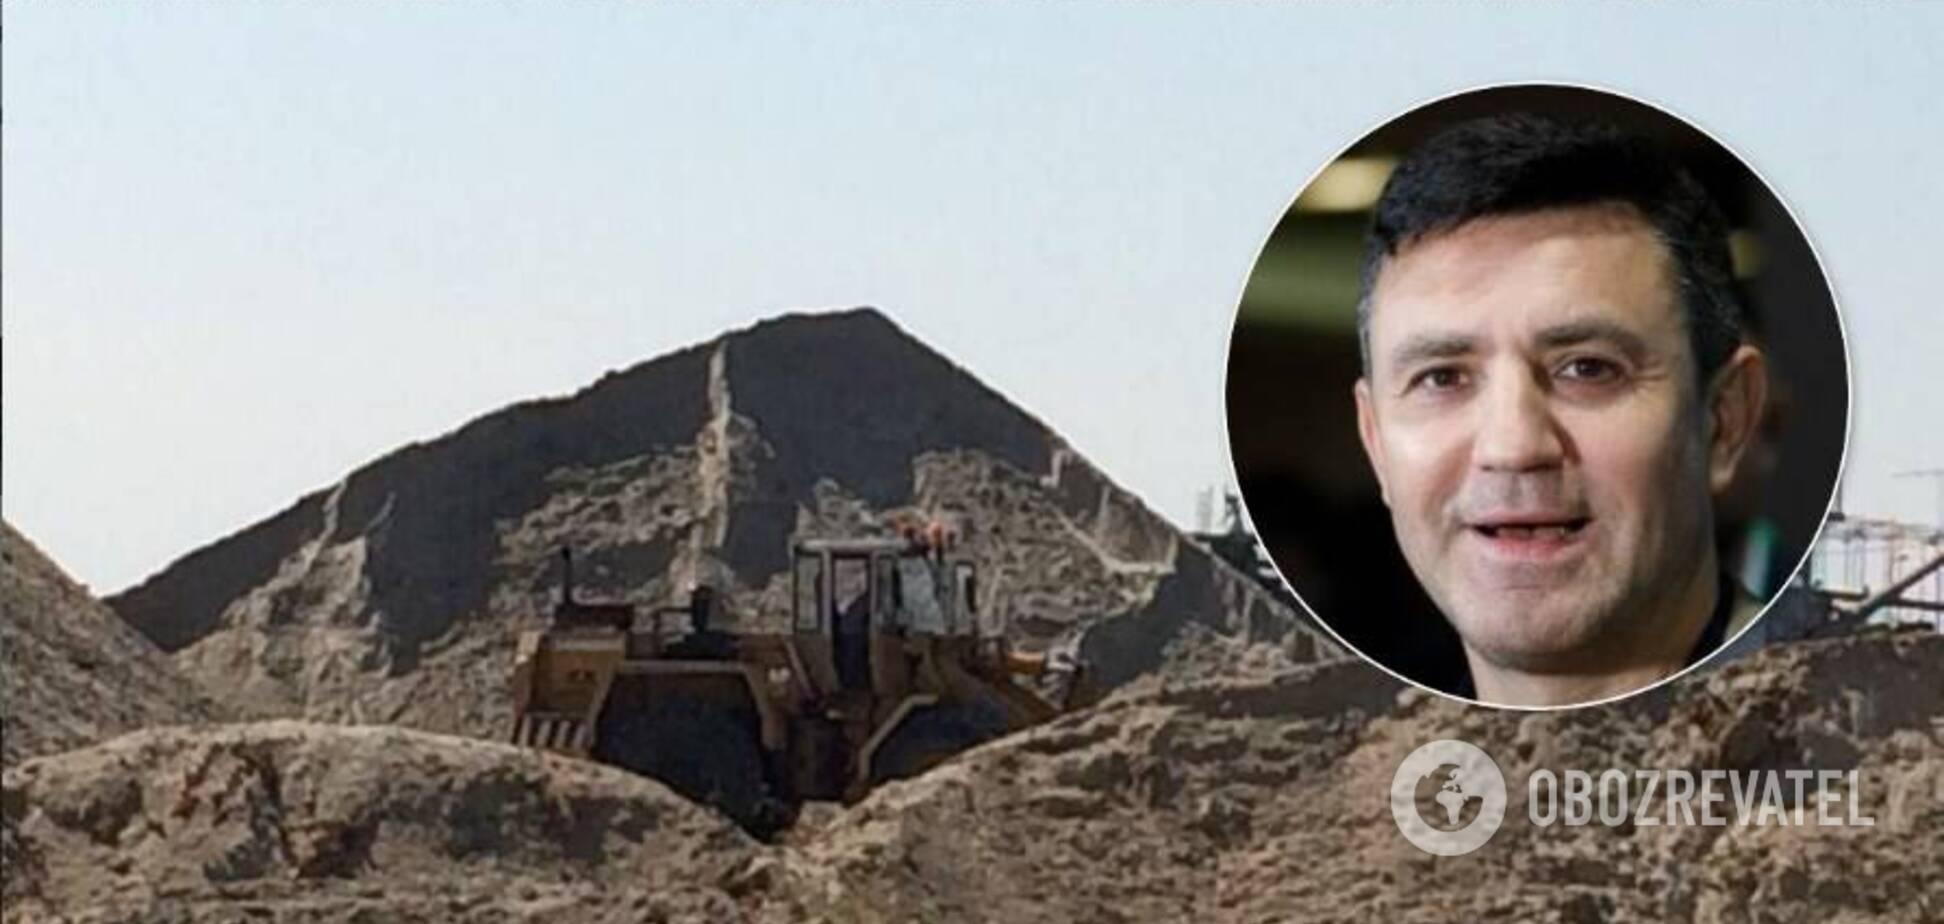 Игорь Мирошниченко: у киевлян ежедневно воруют песок на десятки миллионов, полиция бездействует